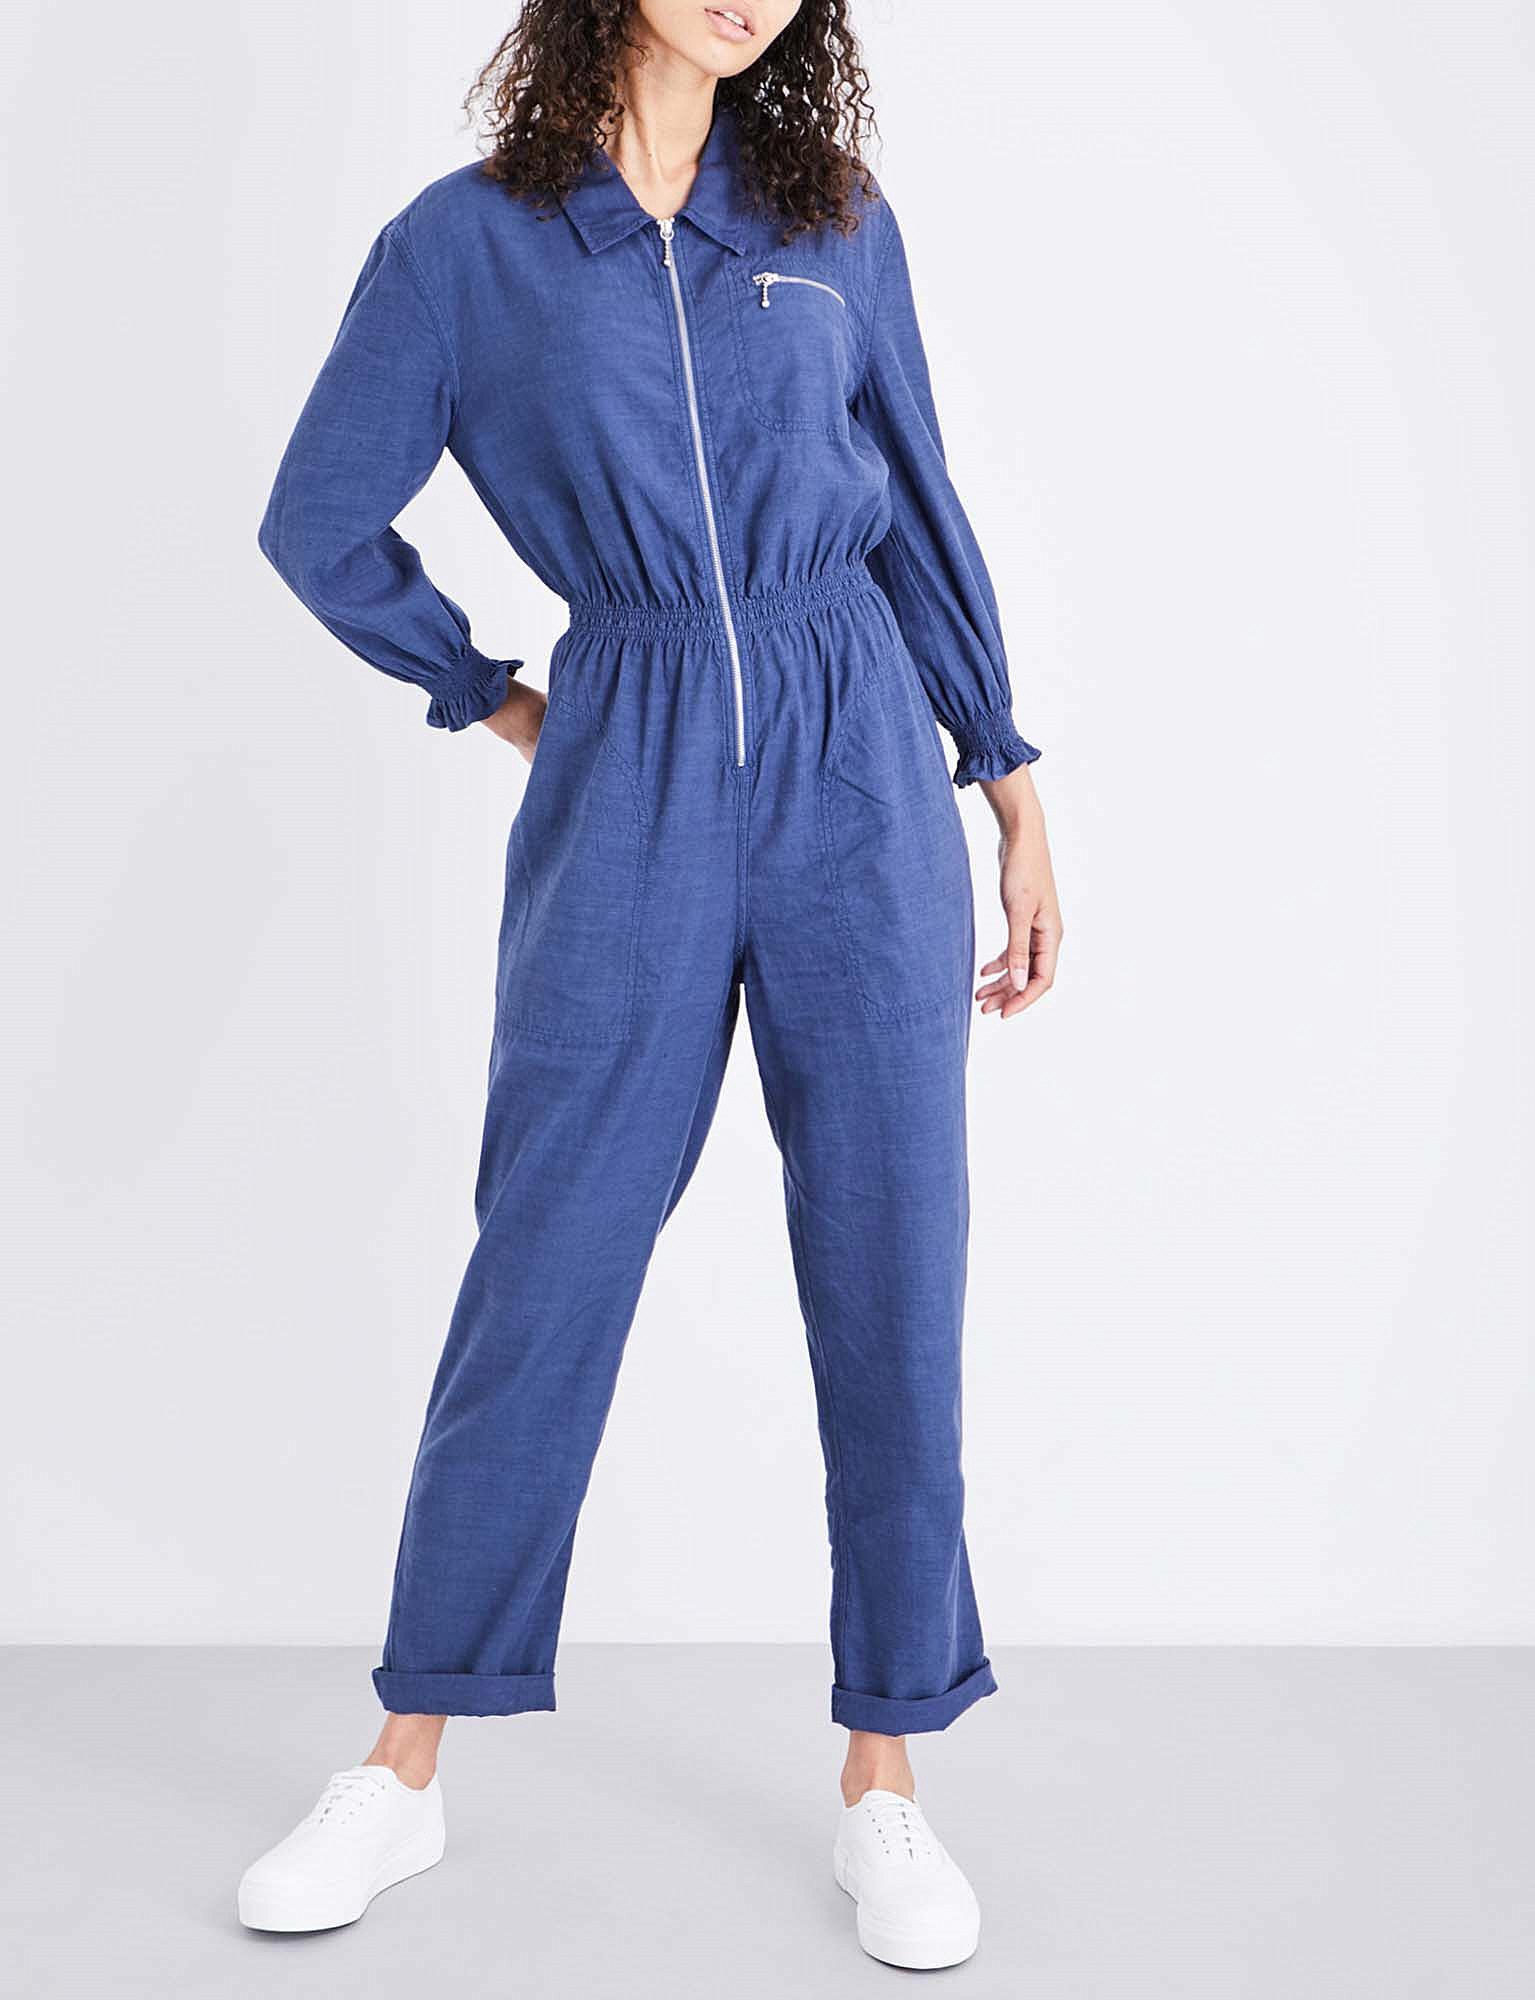 027b5714d00 Lyst - M.i.h Jeans Monty Cotton Jumpsuit in Blue